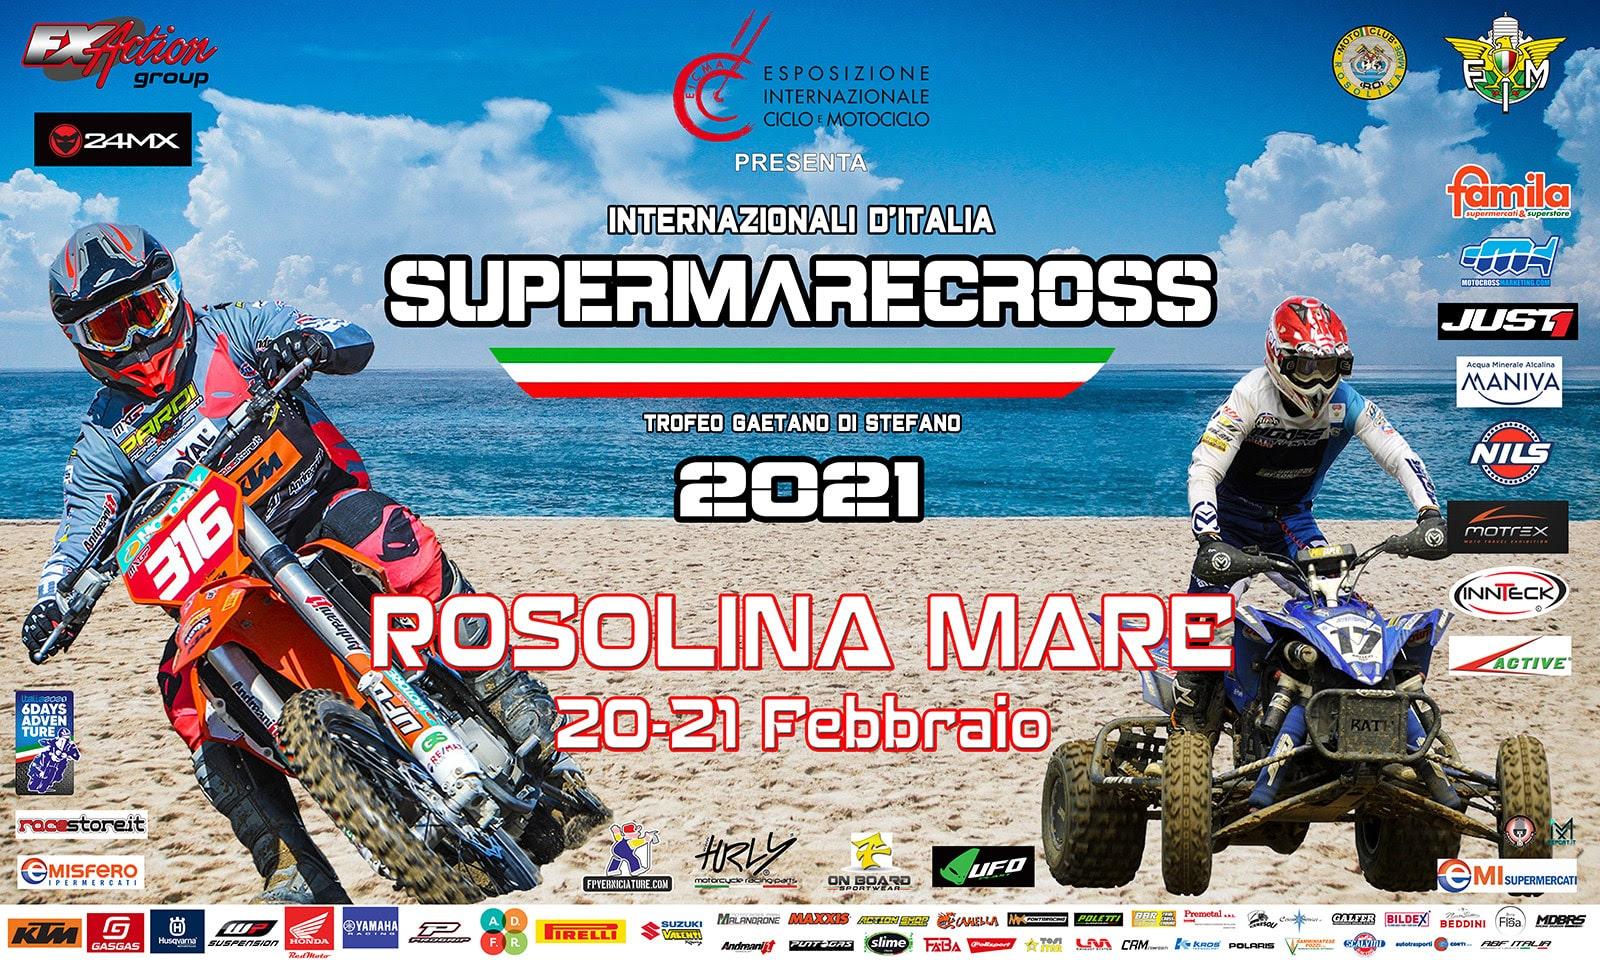 La stagione nazionale del fuoristrada si apre da Rosolina con la prima del Supermarecross